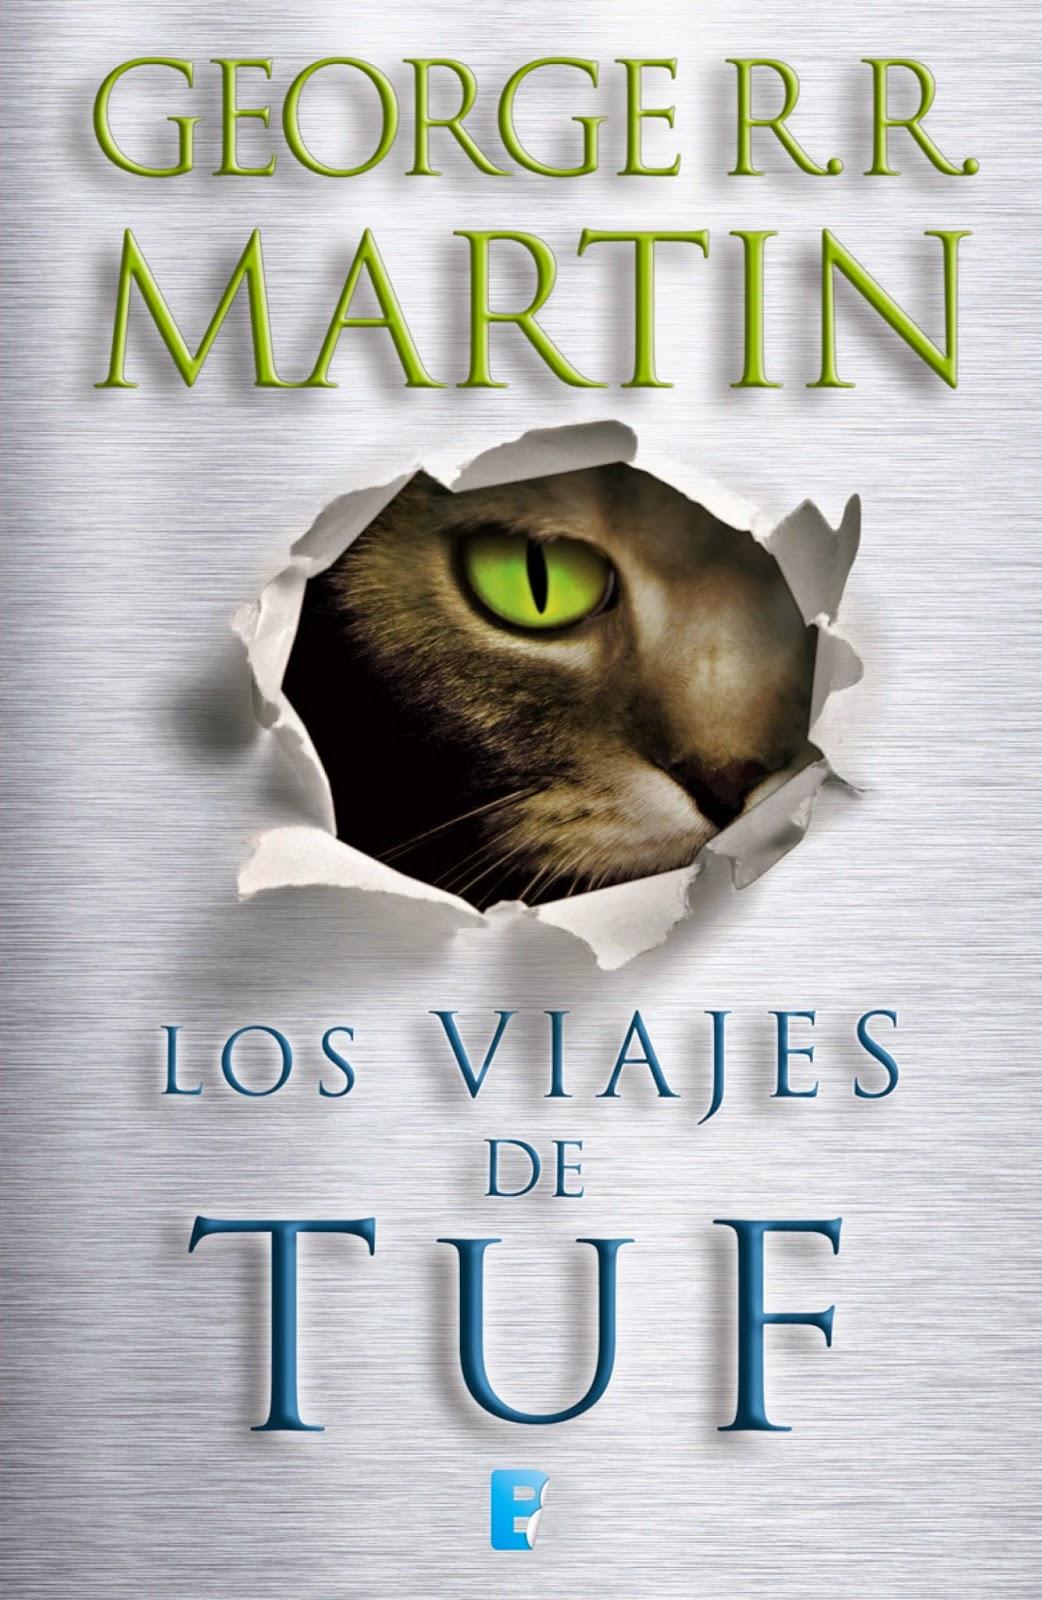 Los Viajes De Tuf, de George R. R. Martin